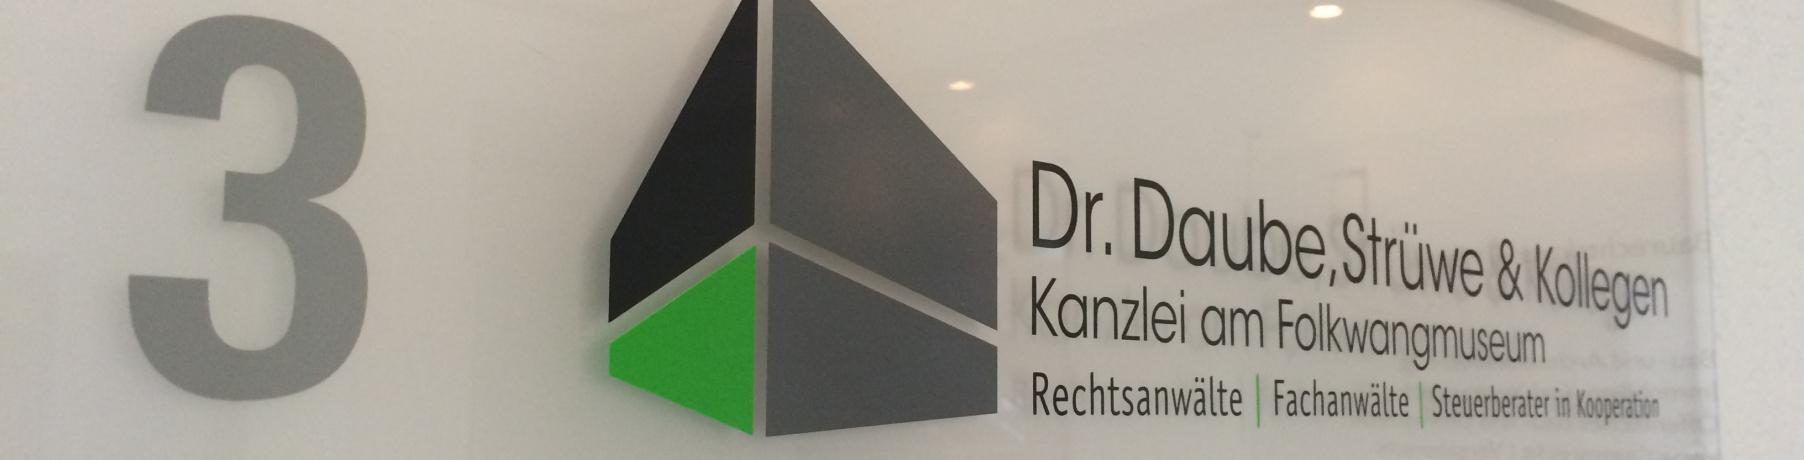 Dr. Daube, Strüwe & Kollegen